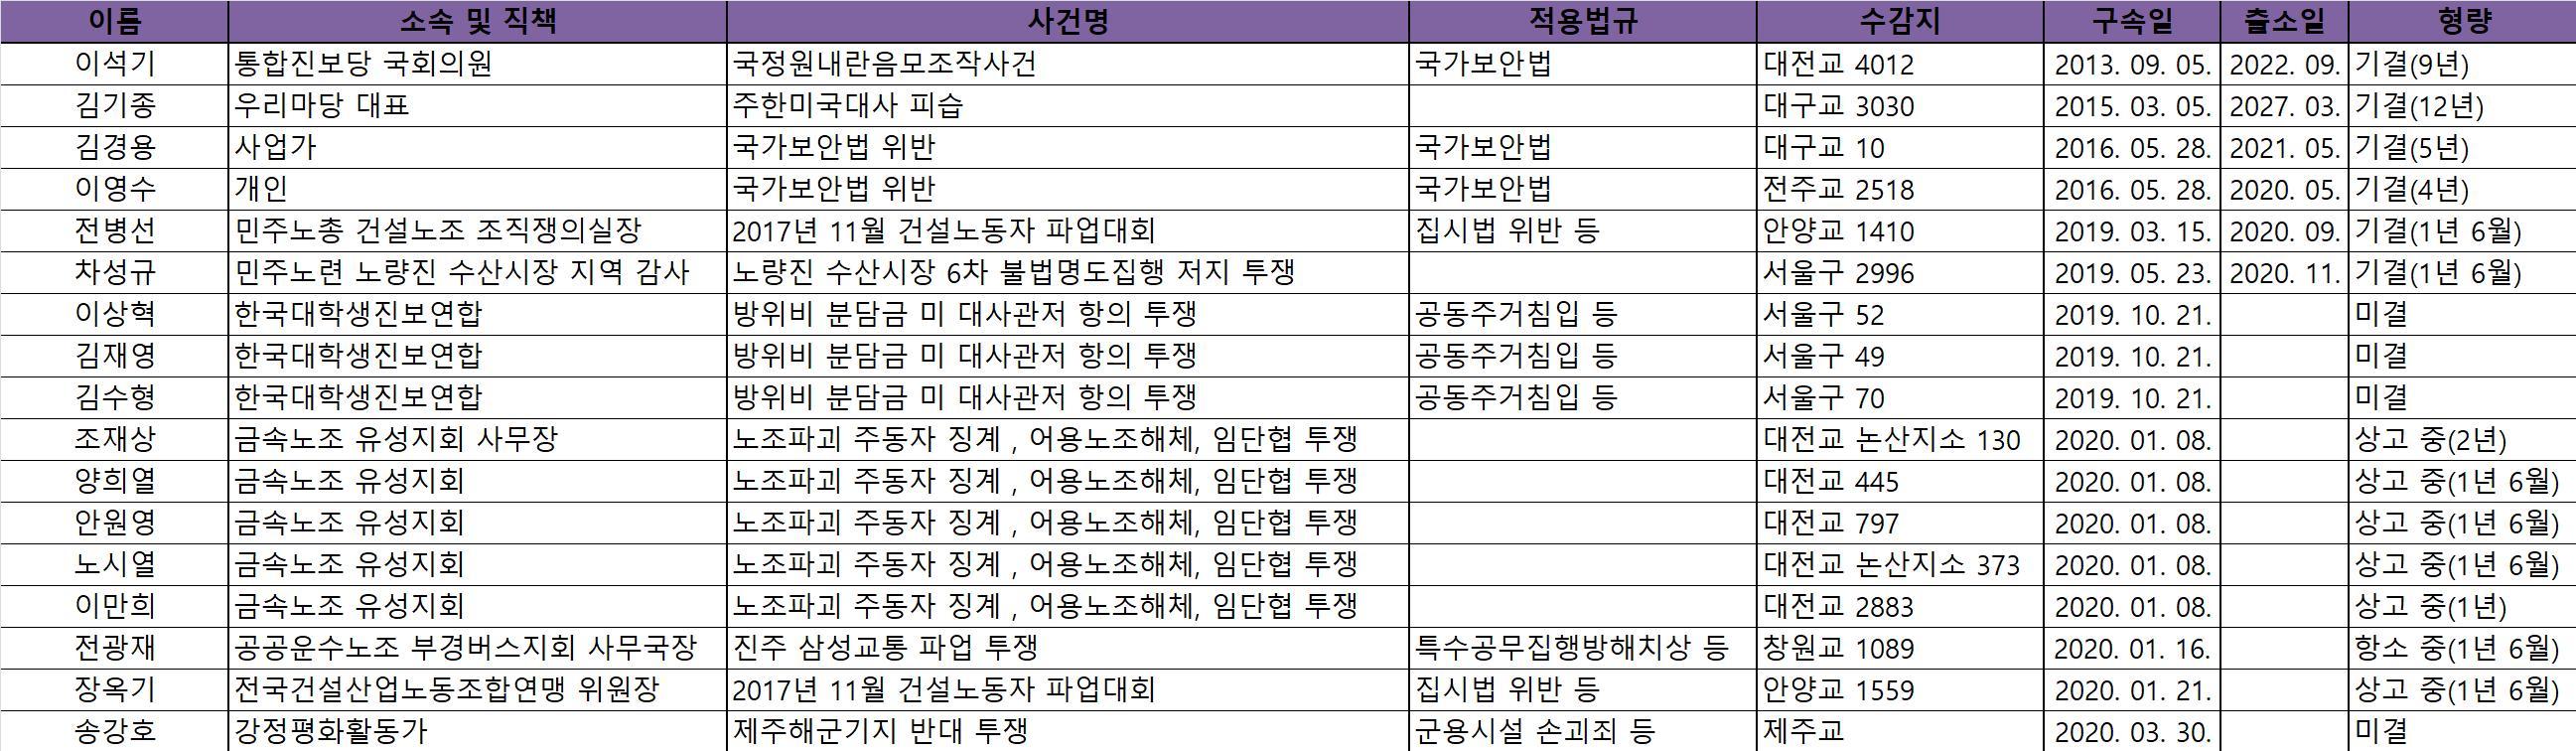 양심수 현황(3월).png